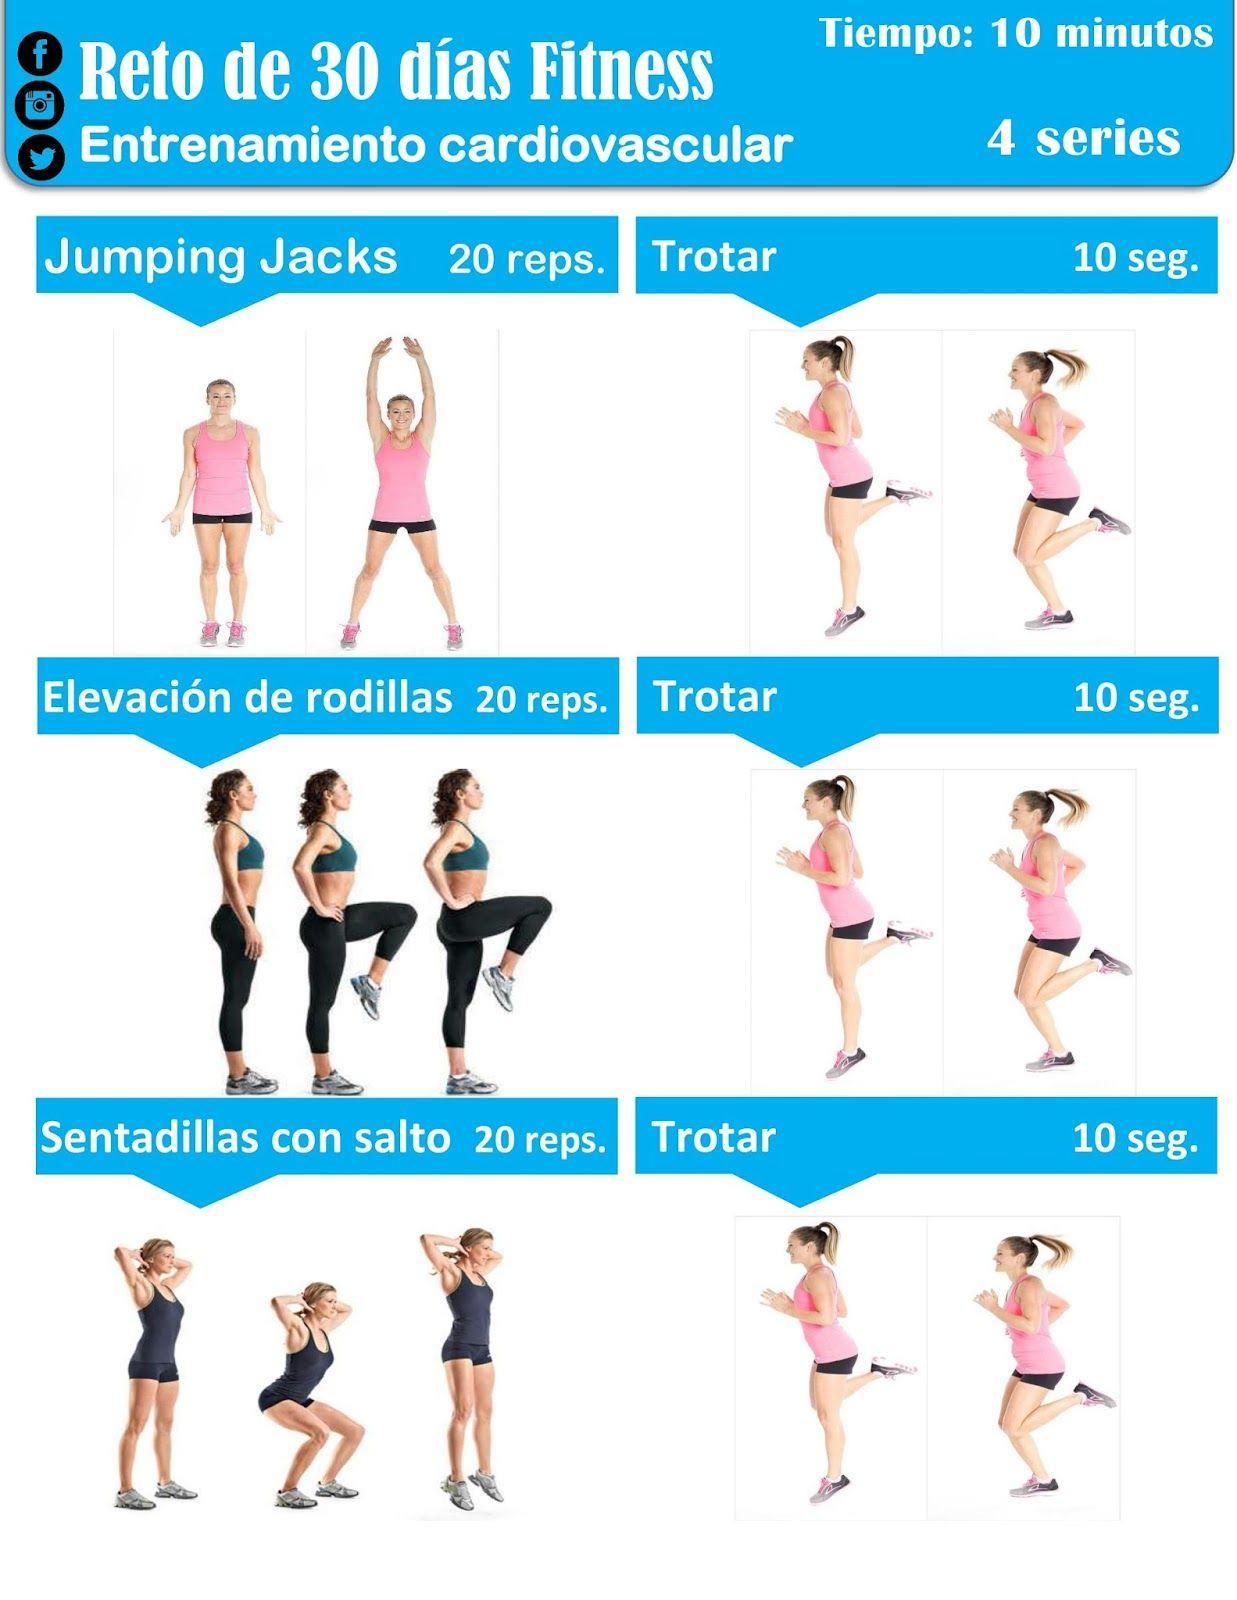 Ejercicio para bajar de peso cardiovascular